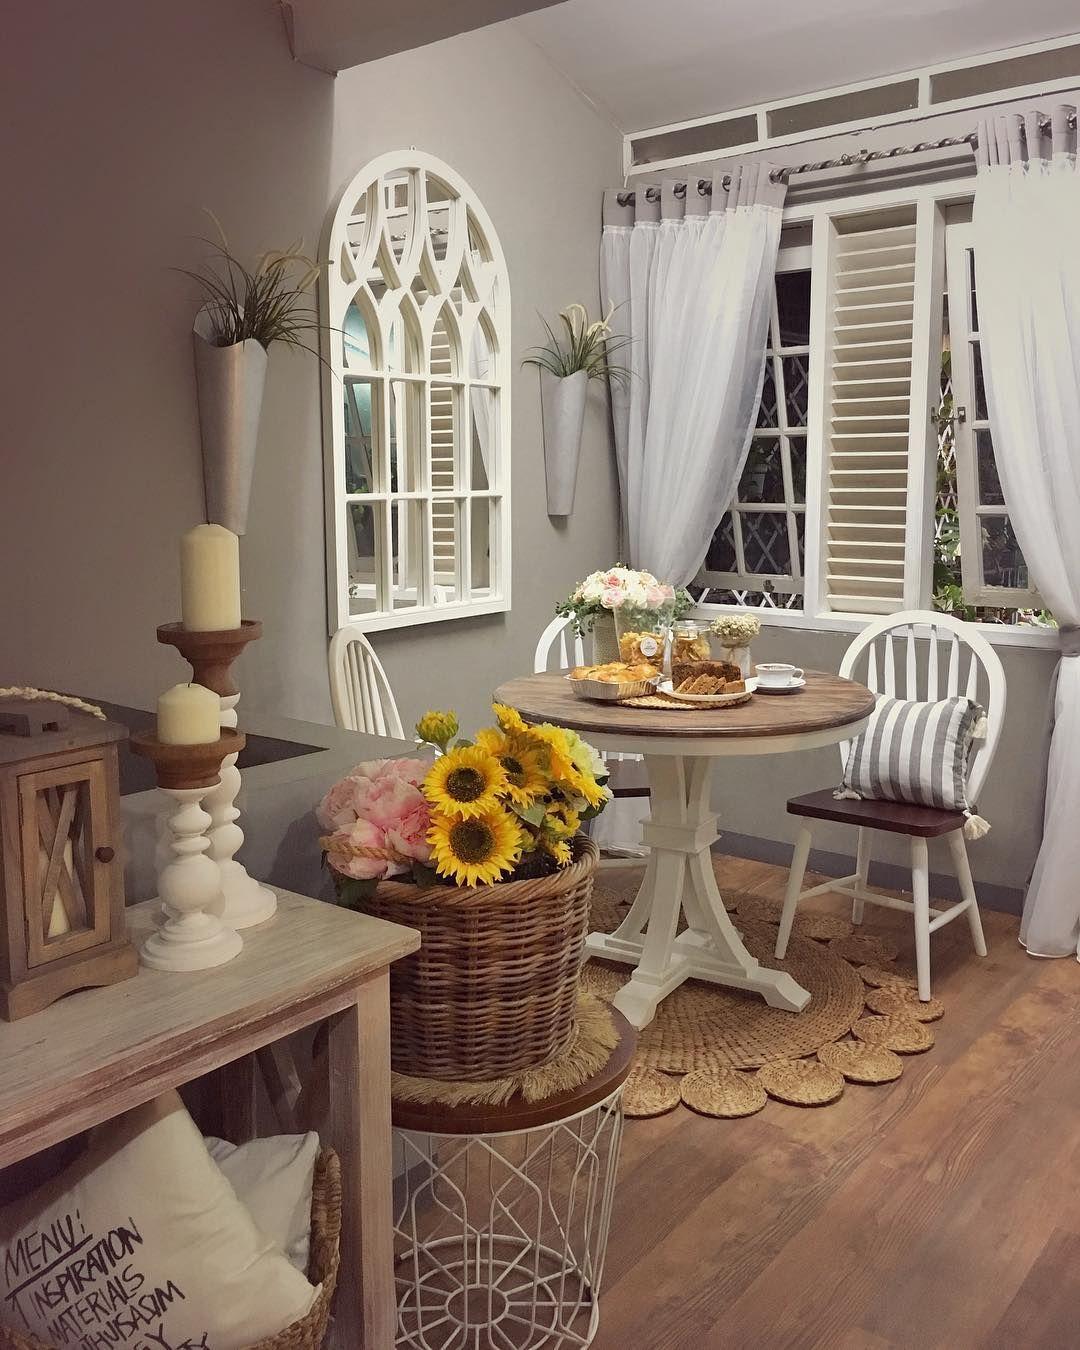 Desain Interior Ruang Makan Minimalis Tema Vintage Dengan Furnitur Klasik Inspirasi Desain Rumah Terkini Dan Anda Pasti Sudah Desain Interior Interior Rumah